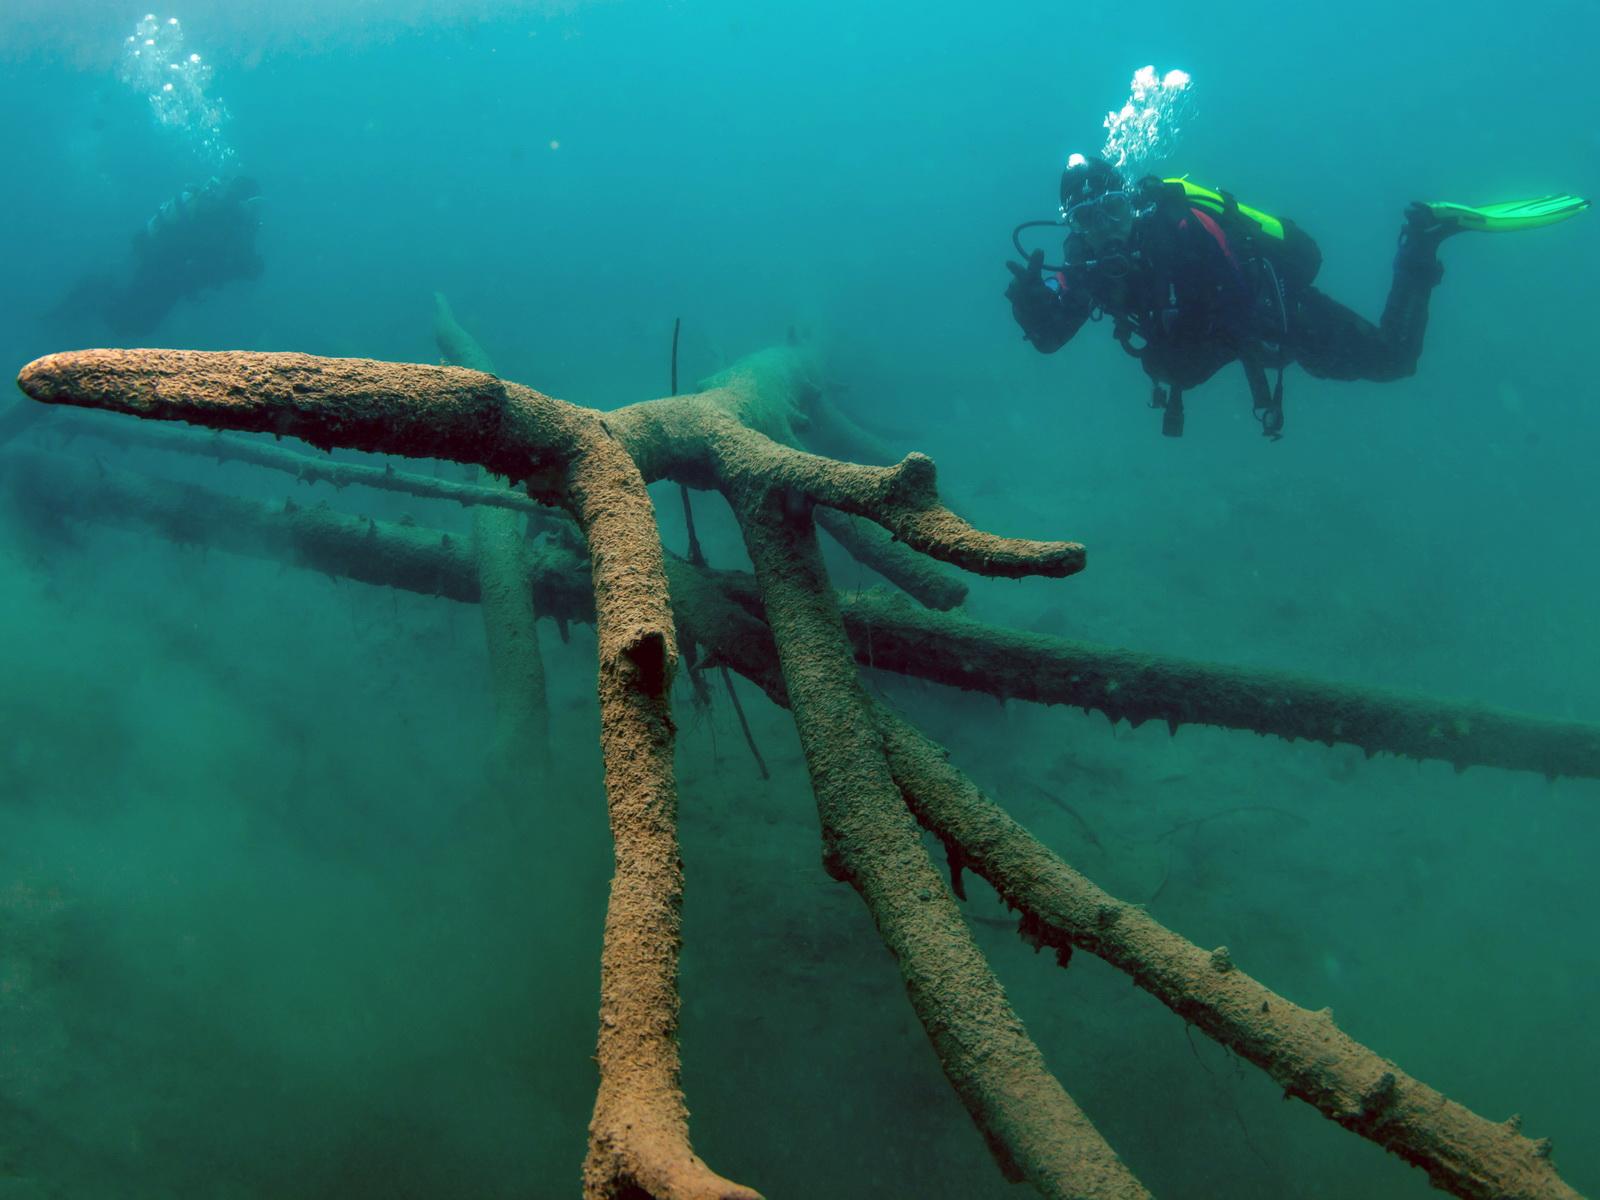 Taucher bewundern die Baumstämme im Blausee